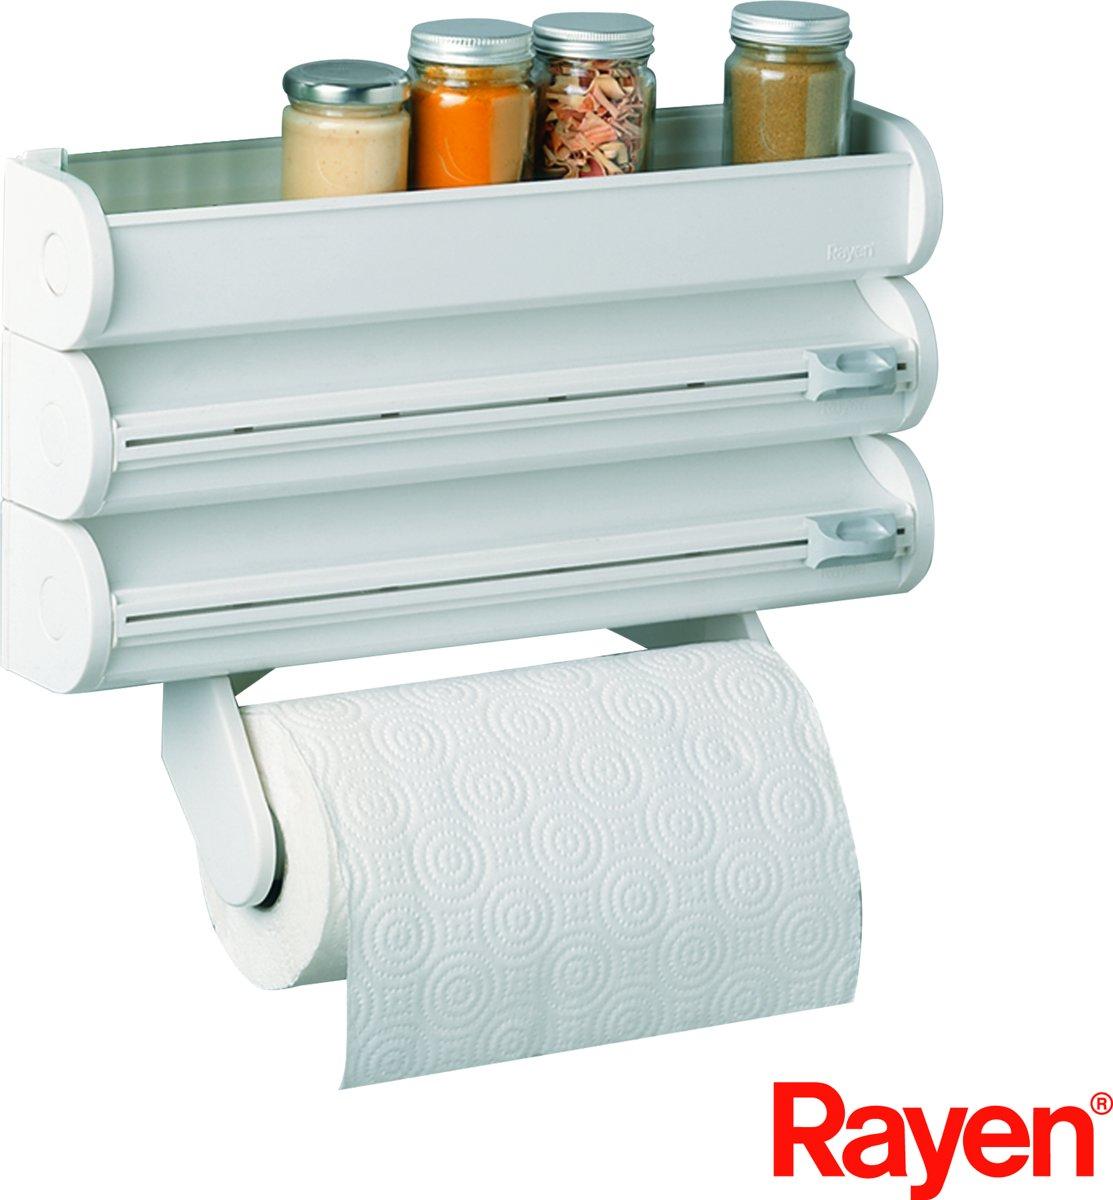 Rayen Rollenhouder - Wit - voor 3 rollen en bovenop een bakje voor kruiden kopen